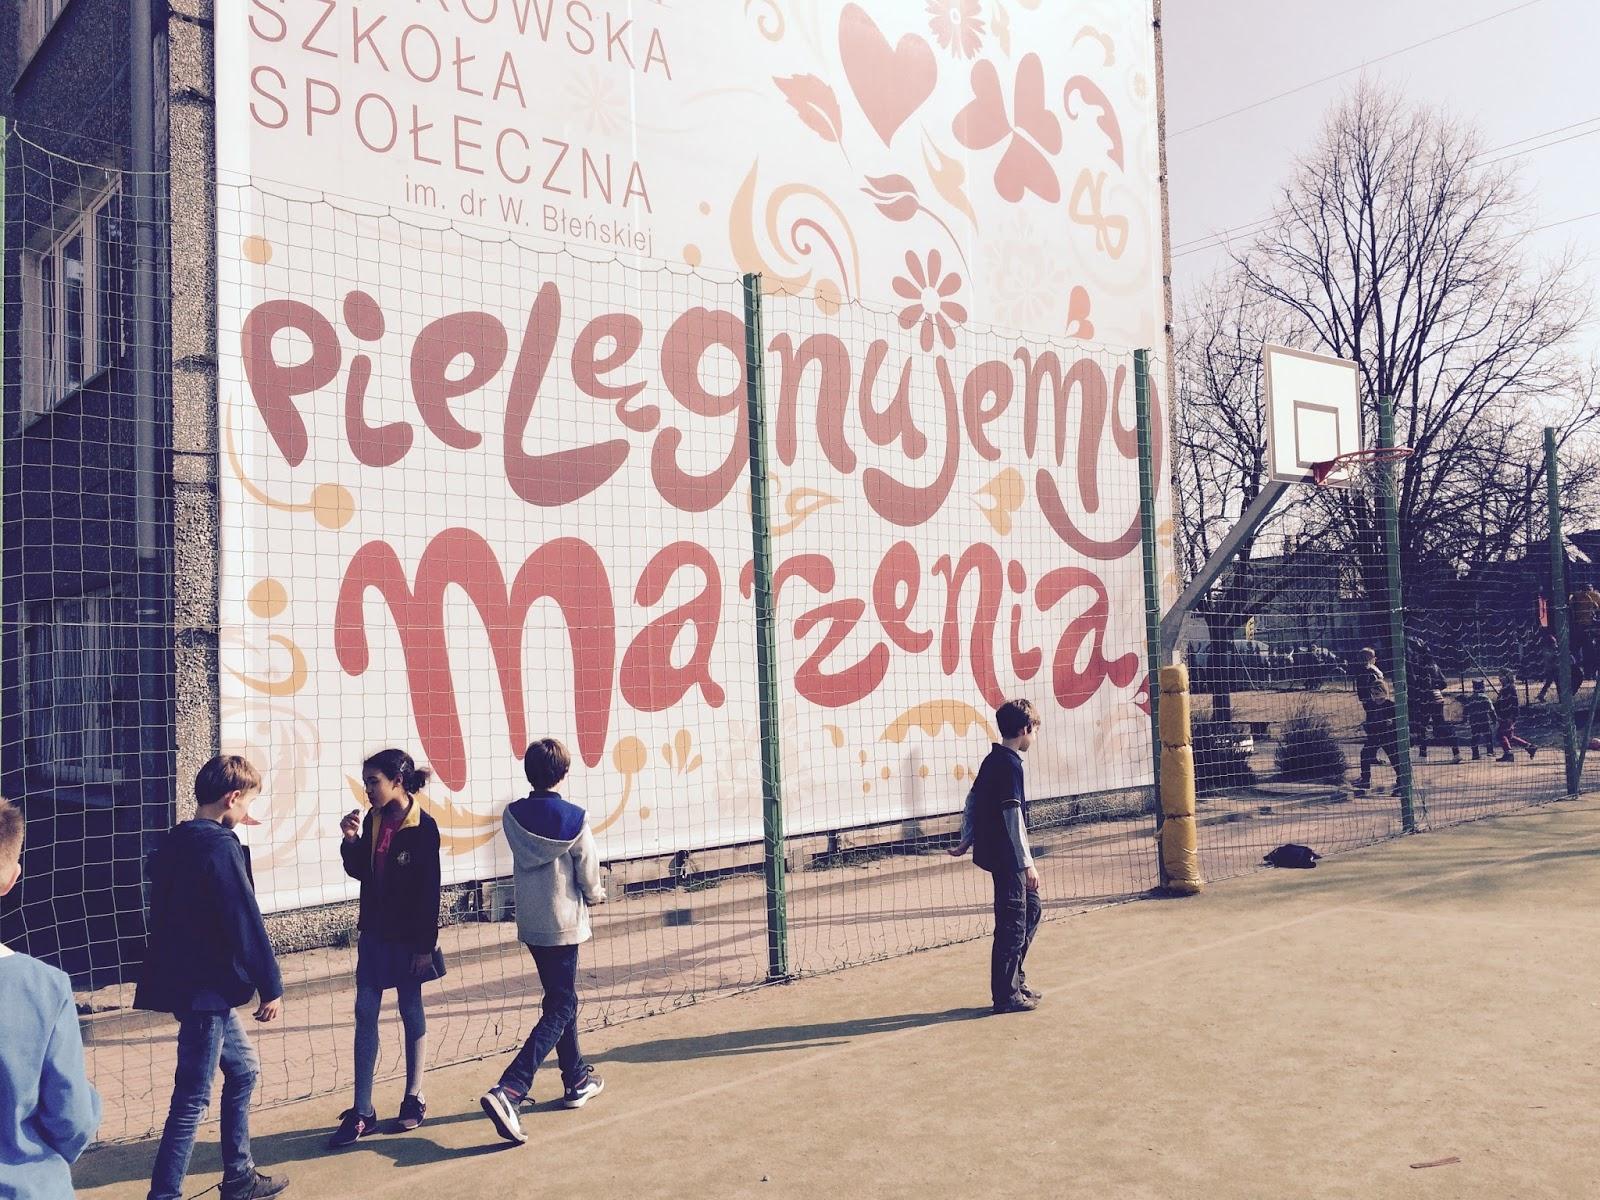 Piątkowska Szkoła Społeczna w Poznaniu